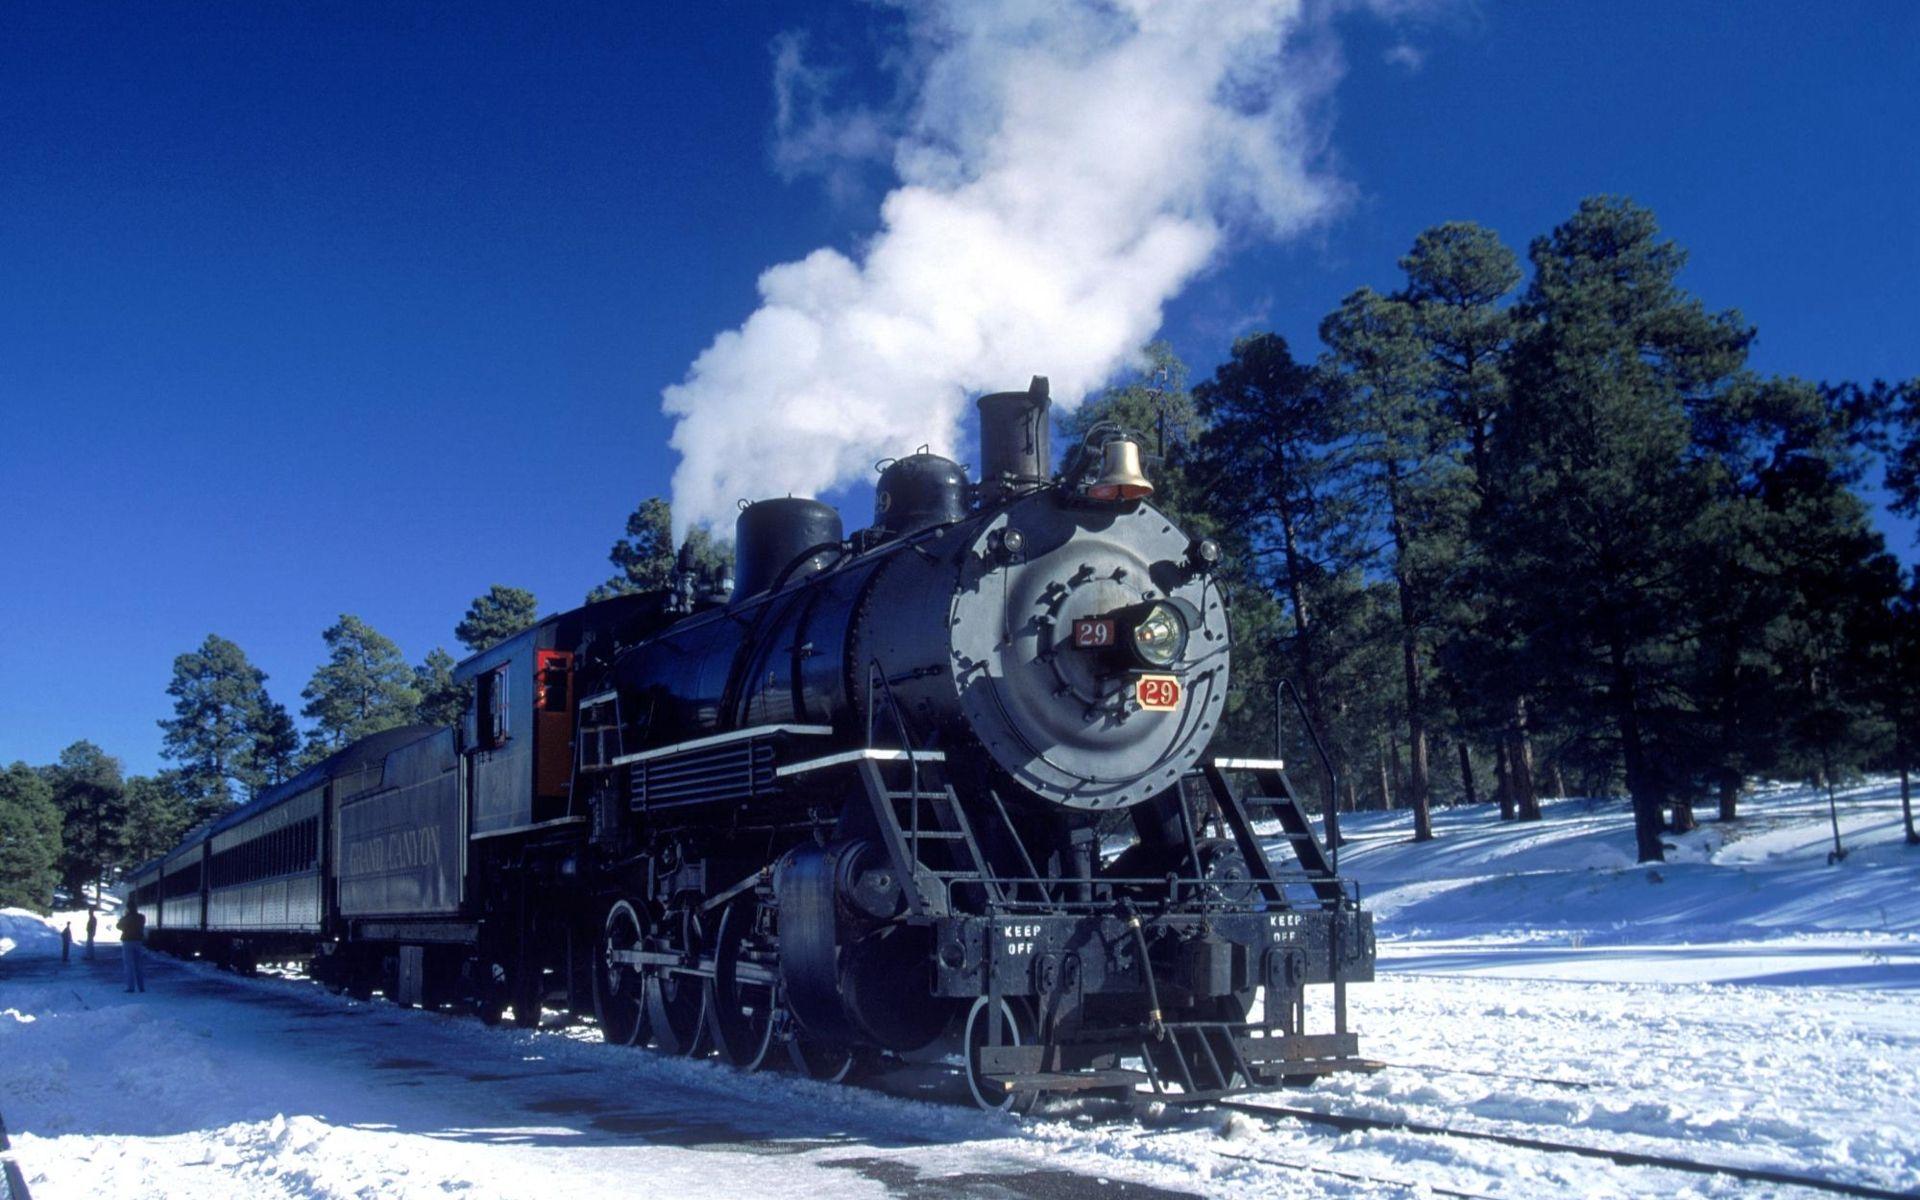 Winter Train 1920x1200 1610 Train wallpaper